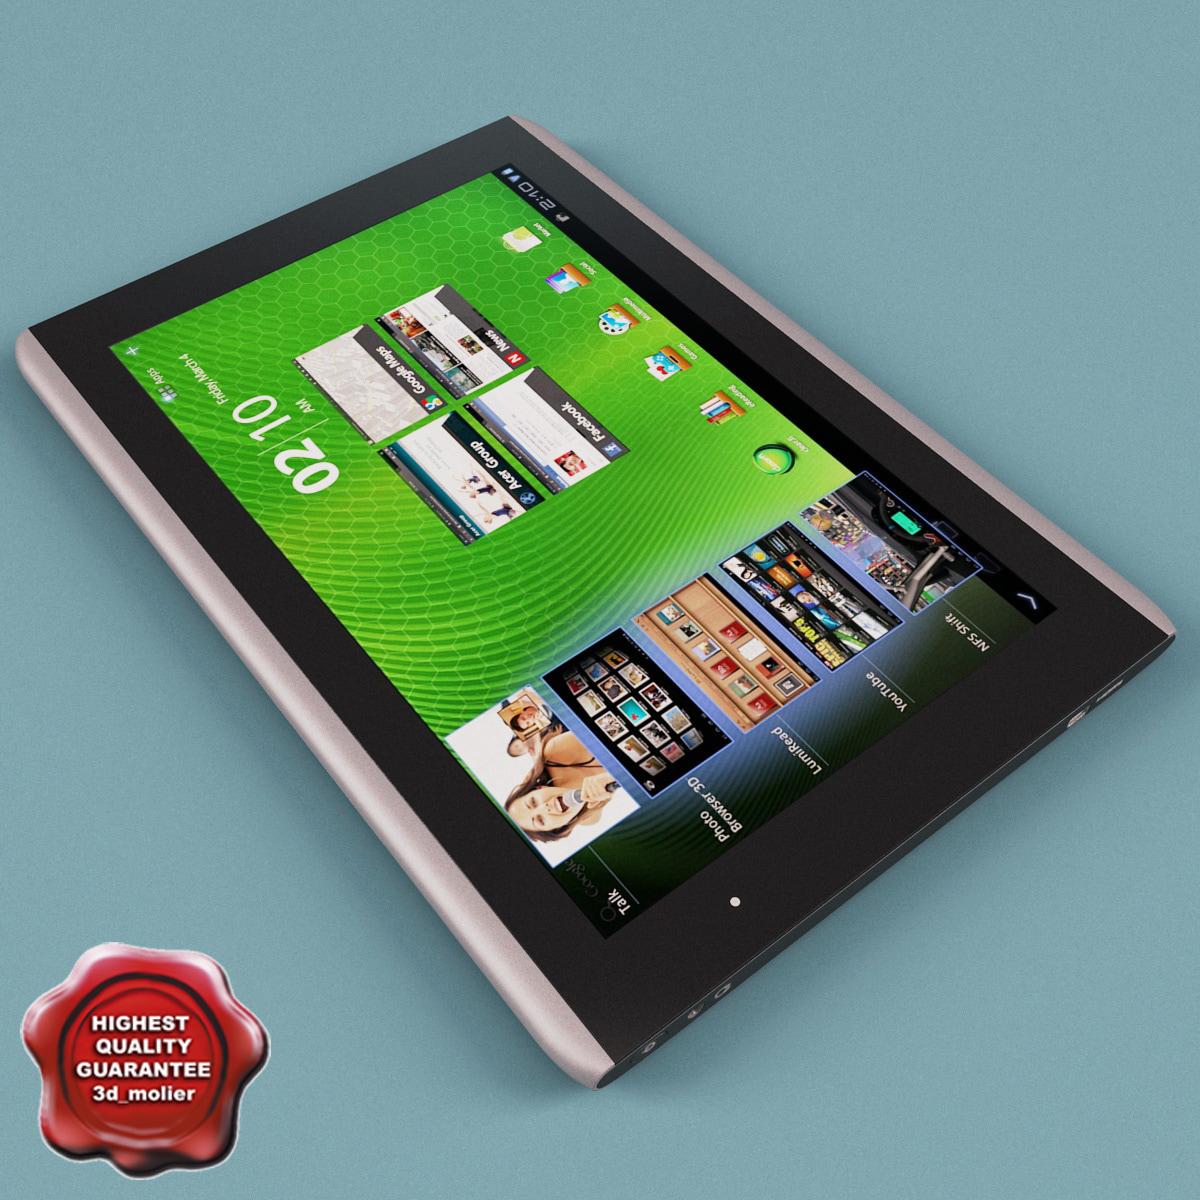 Acer_Iconia_Tab_A500_V2_00.jpg